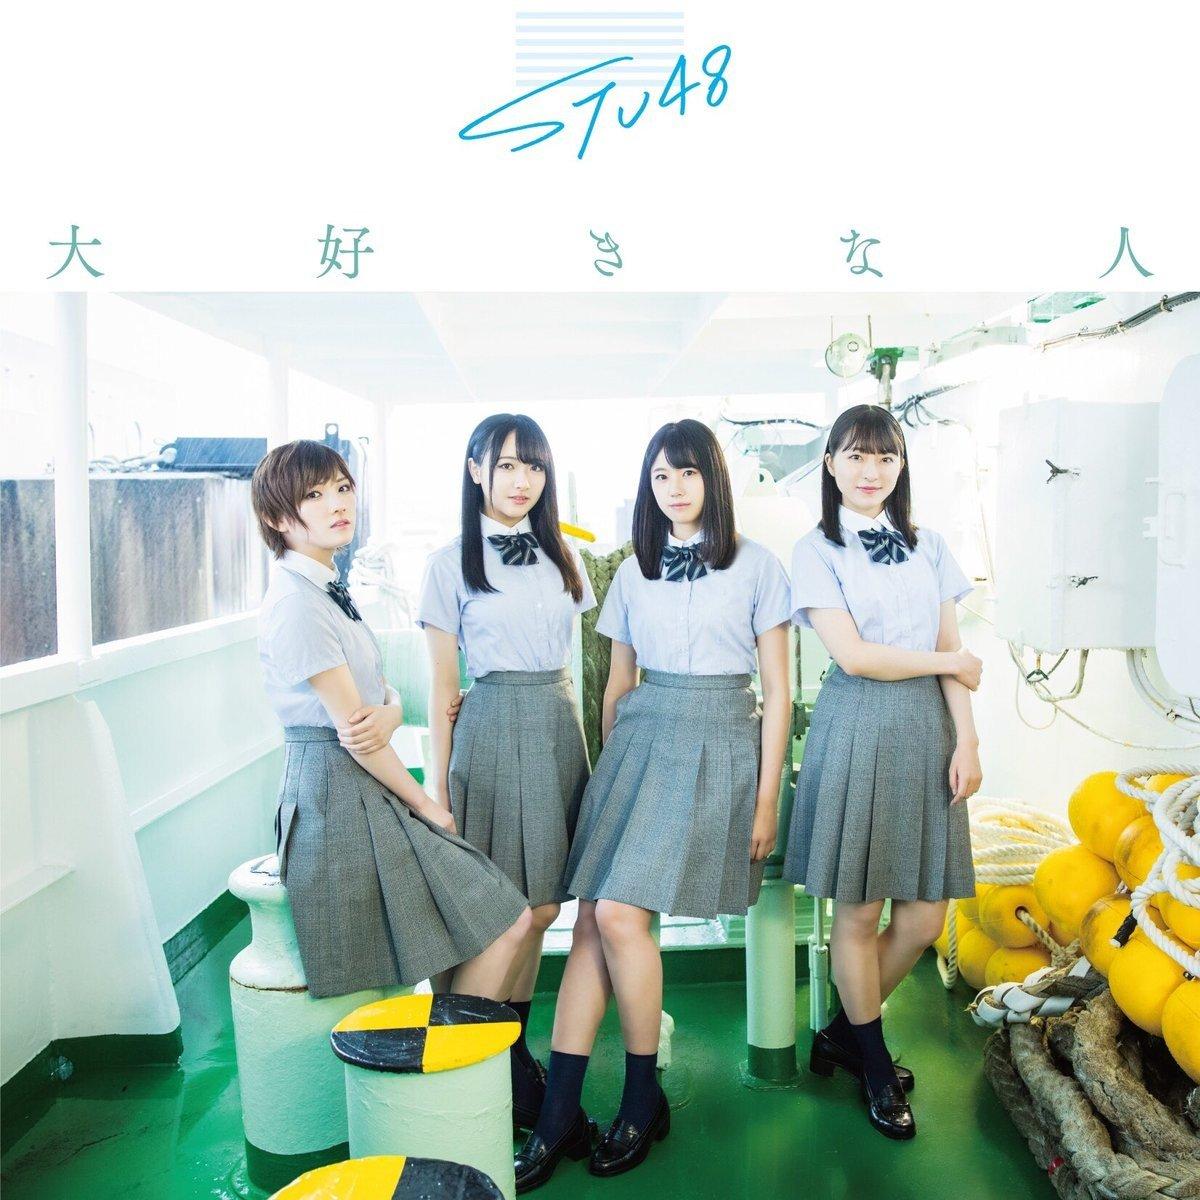 STU48 – 大好きな人 [FLAC / CD] [2019.07.31]